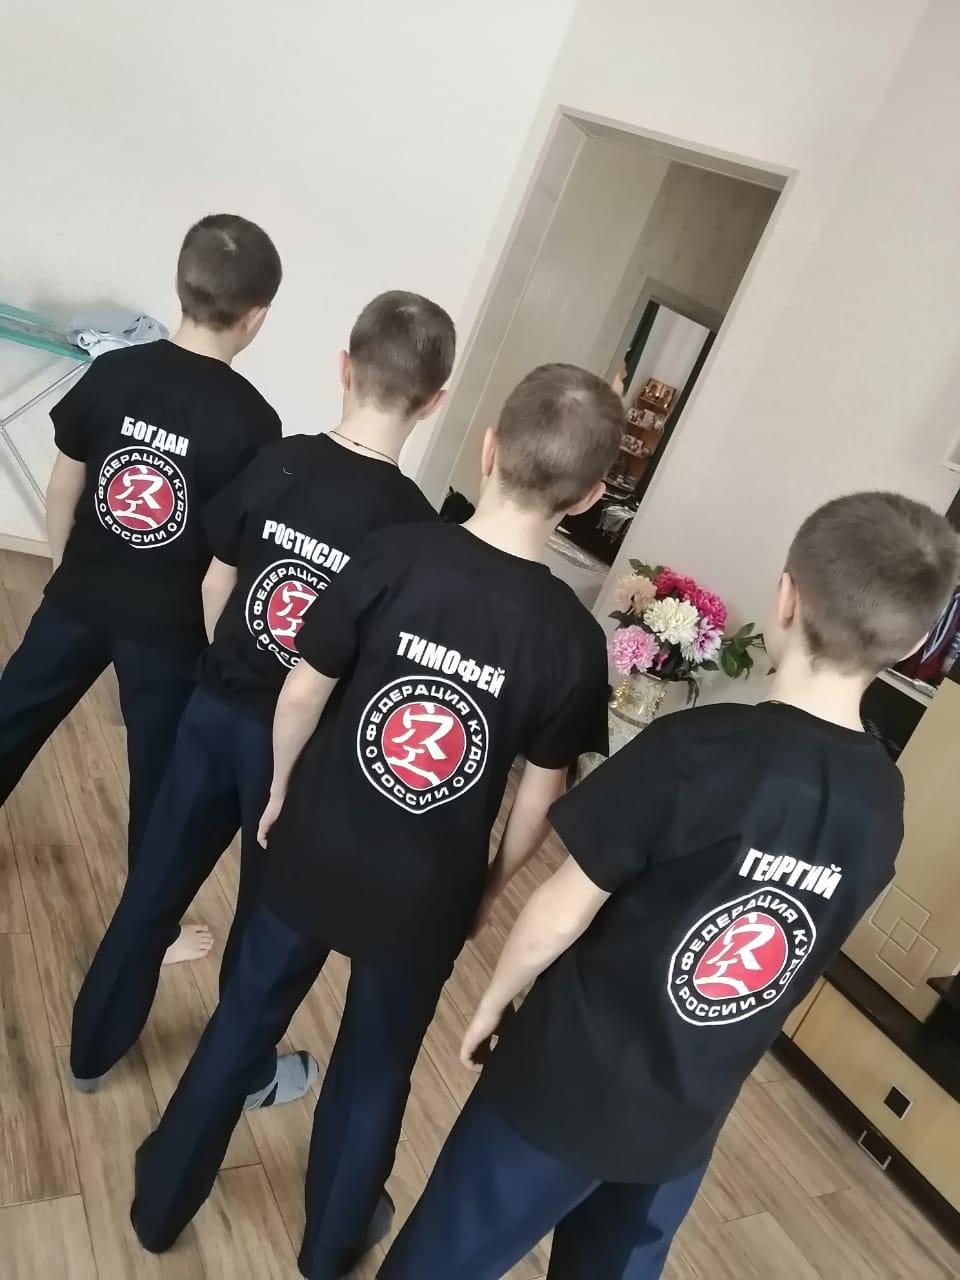 Черные футболки с логотипом